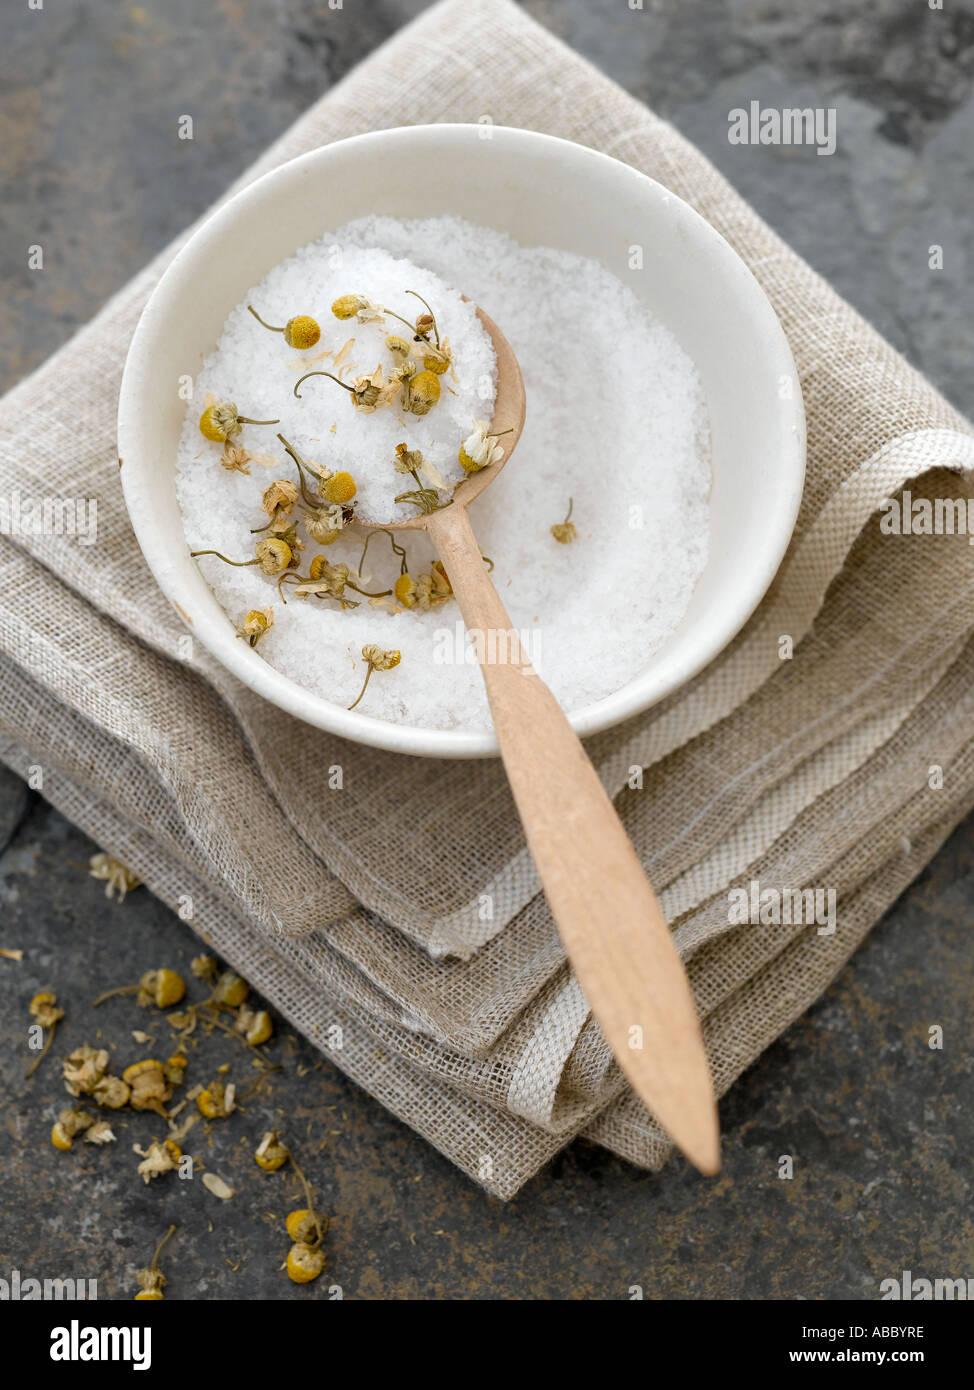 Sels de bain naturels avec des fleurs de camomille séchées - haut de gamme image numérique Hasselblad 61Mo Photo Stock